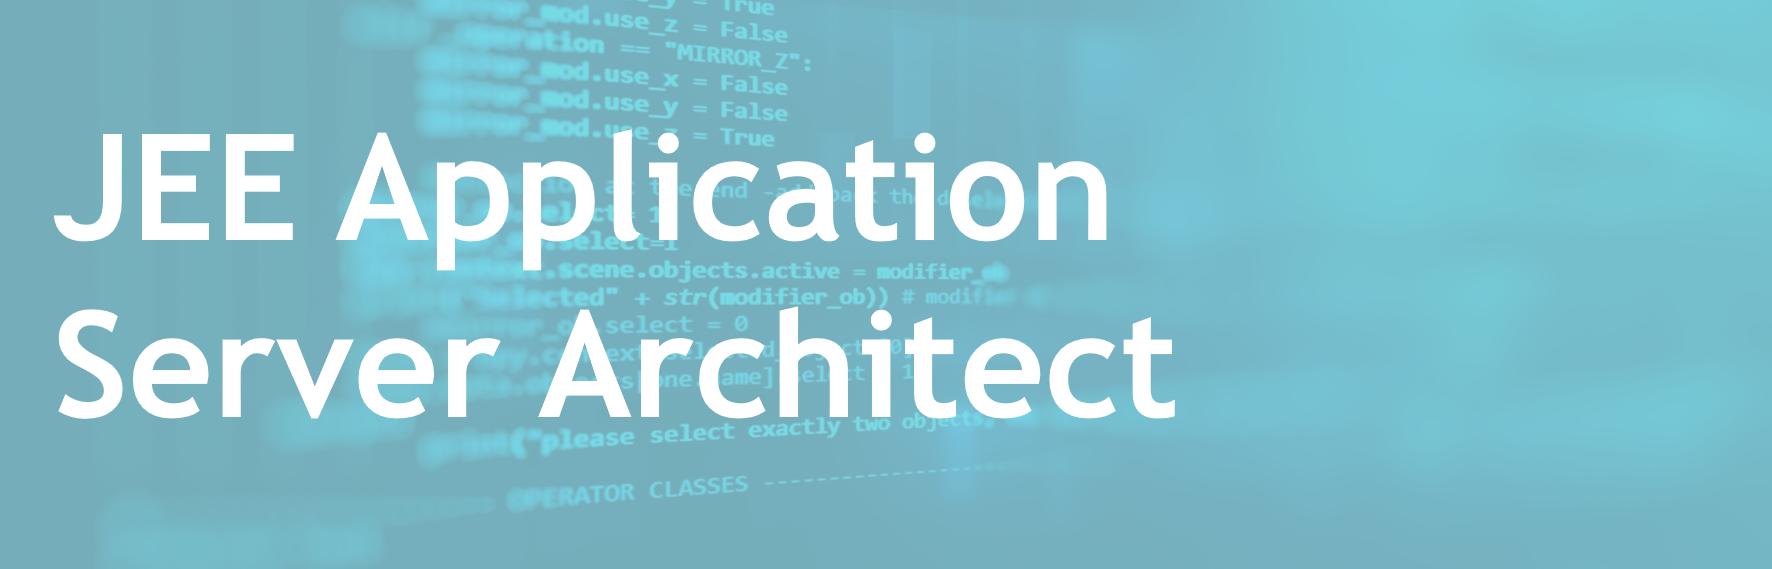 JEE Application Server Architect - FR/EN